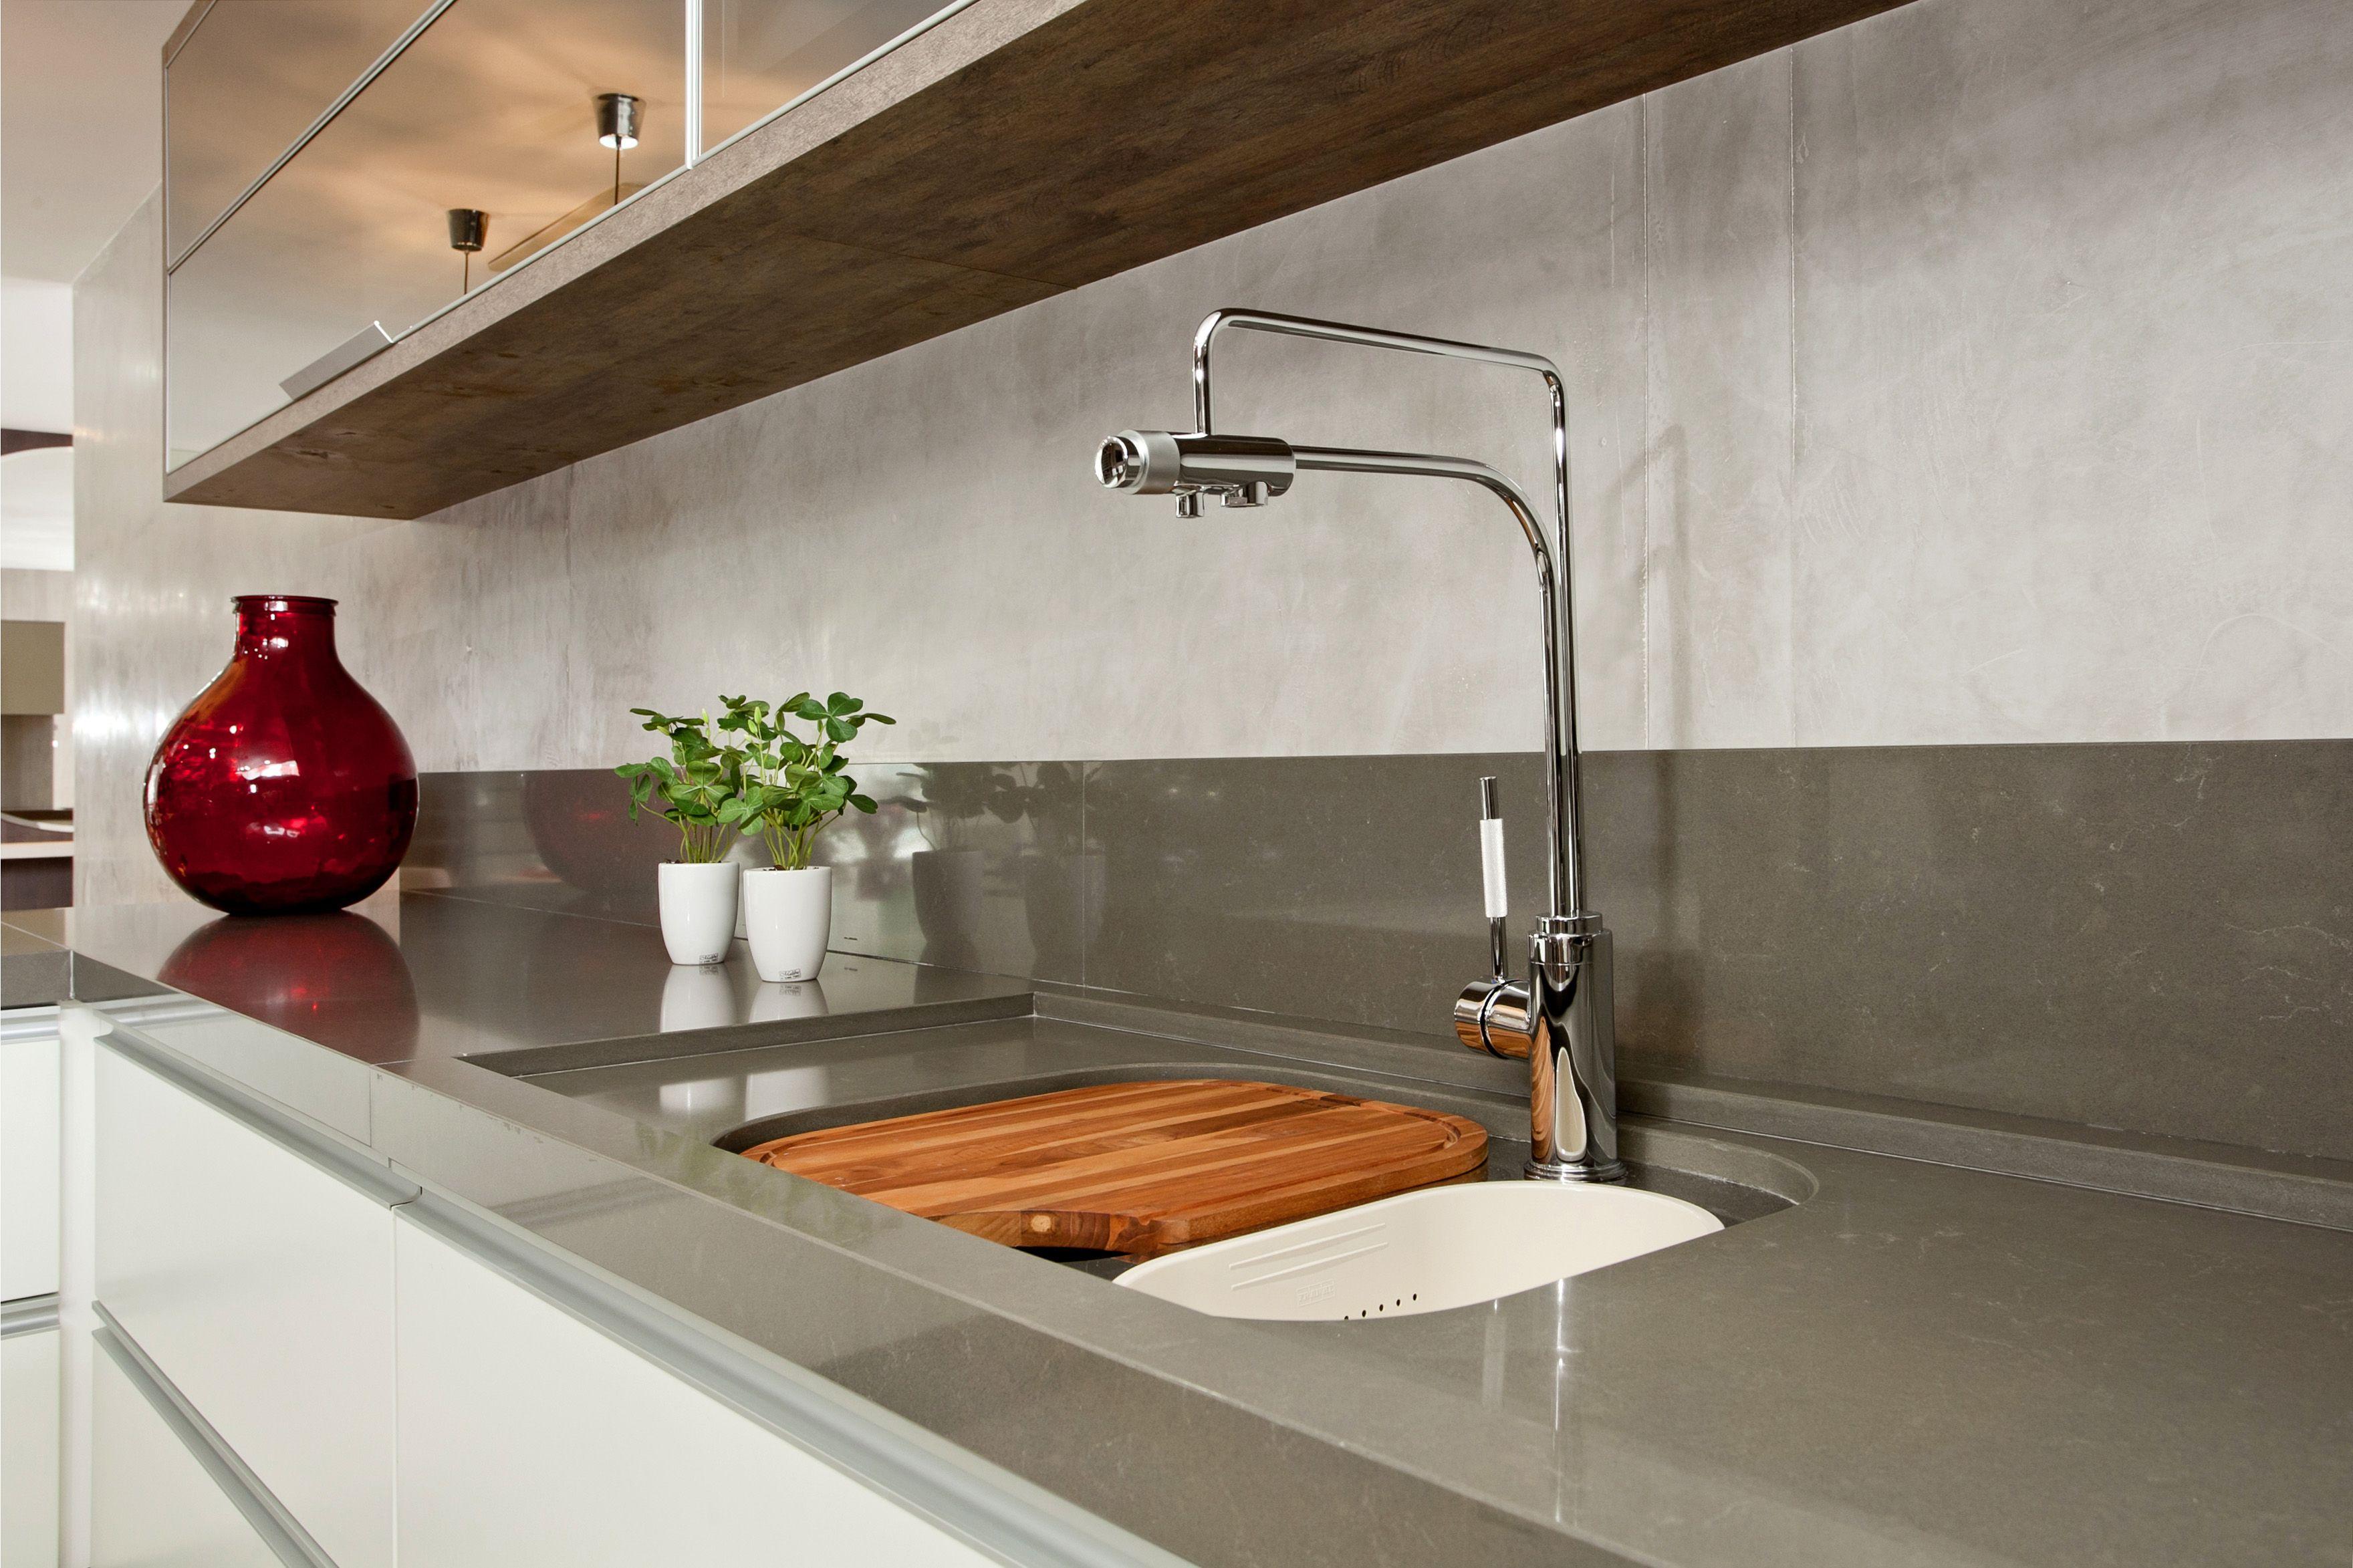 Belleza y funcionalidad en tu cocina con silestone - Silestone showroom ...